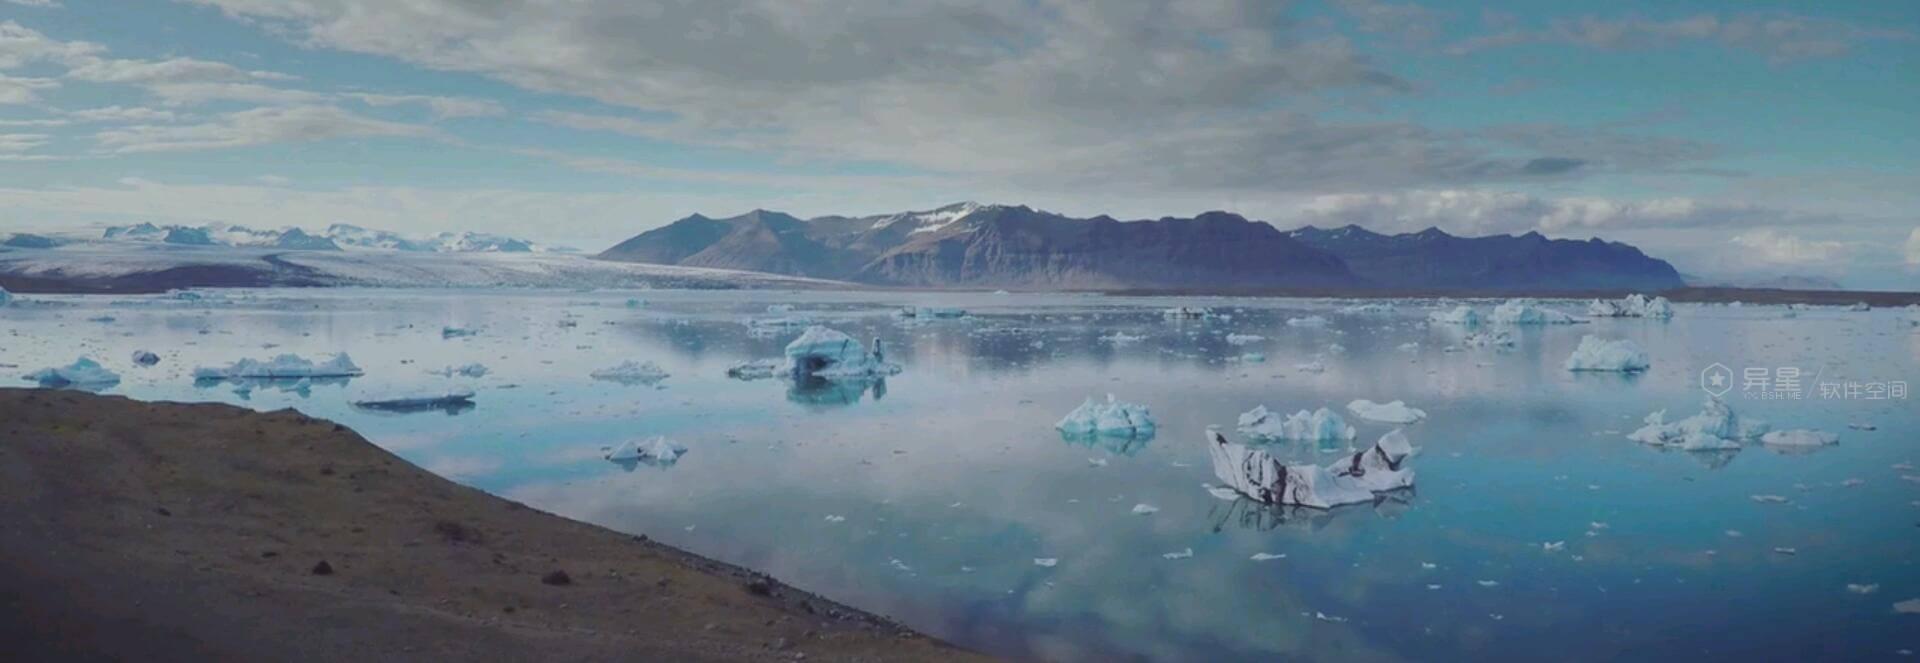 万物生--创意科幻-科幻, 创意, 冰岛, 万物生